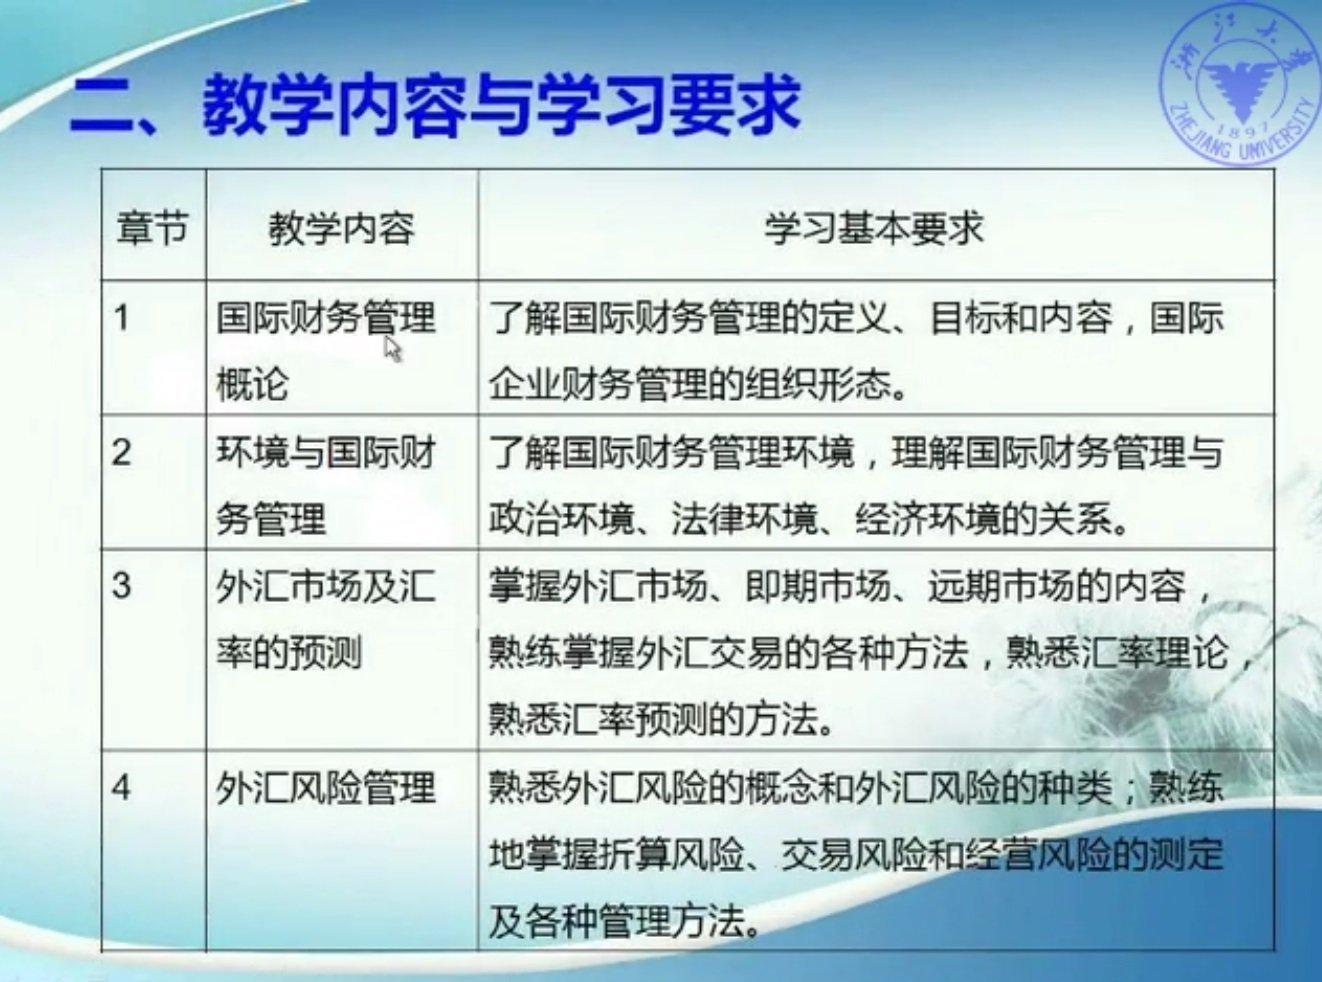 【9420-2015】國際財務管理 教學影片(MP4檔案格式) - ( 25 堂課 浙江大學 ) 330元 !